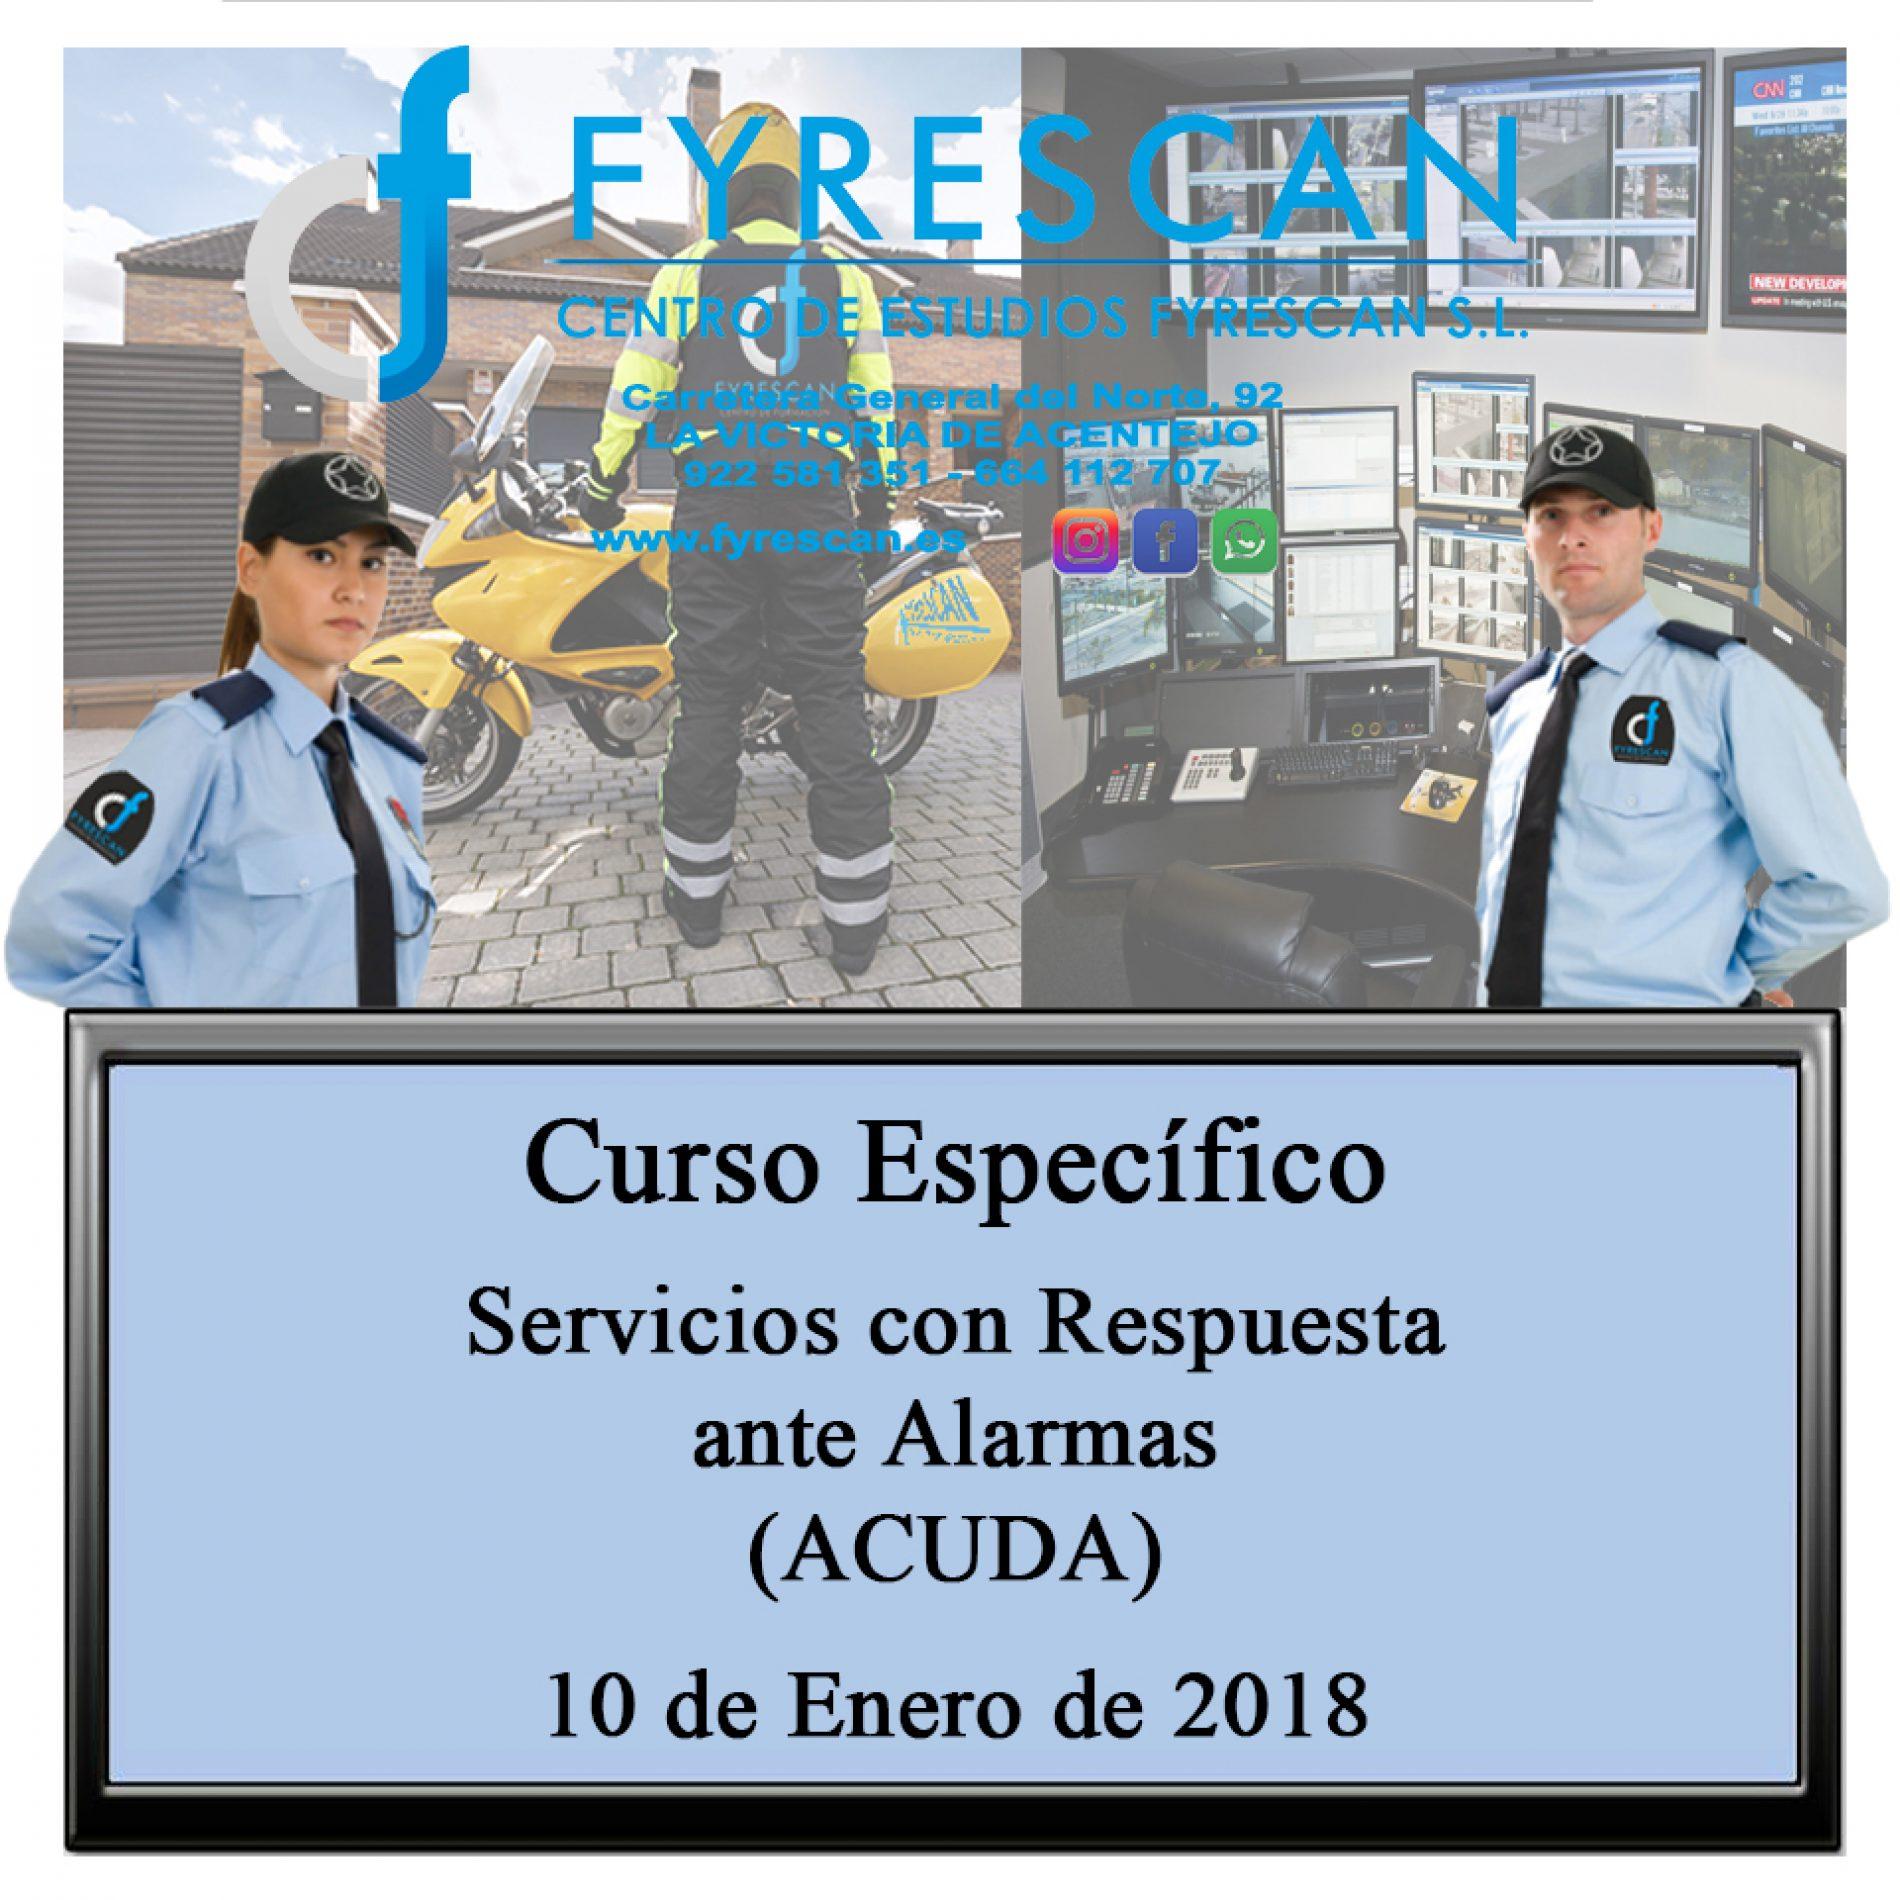 Curso Específico de Servicios con Respuesta ante Alarma  (ACUDA) 10 de Enero de 2018